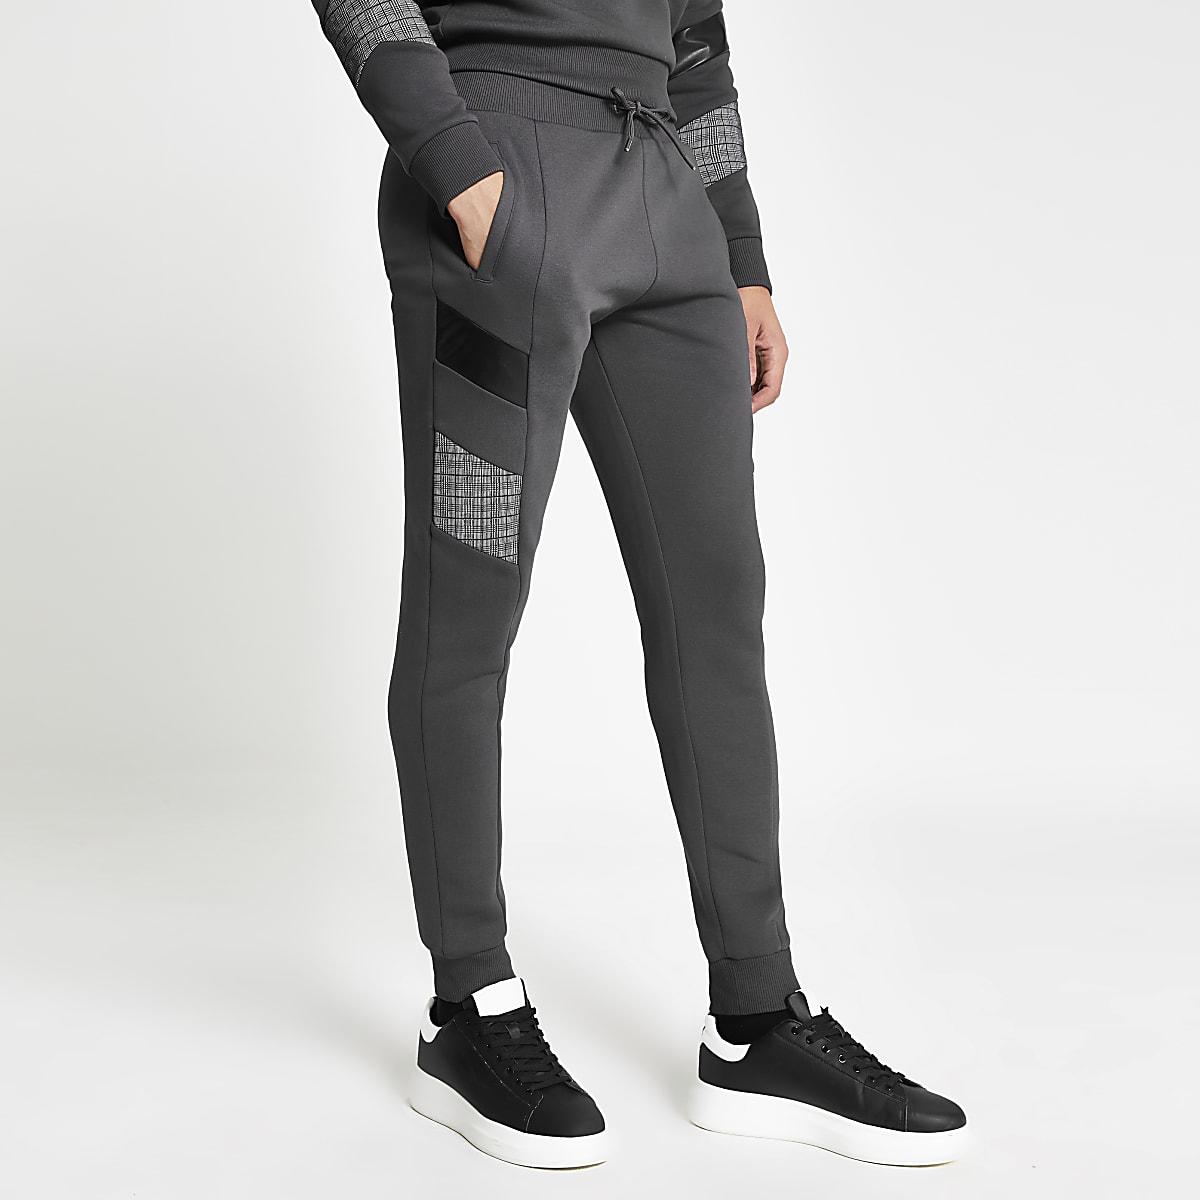 Pantalons de jogging slim Maison Riviera gris colourblock